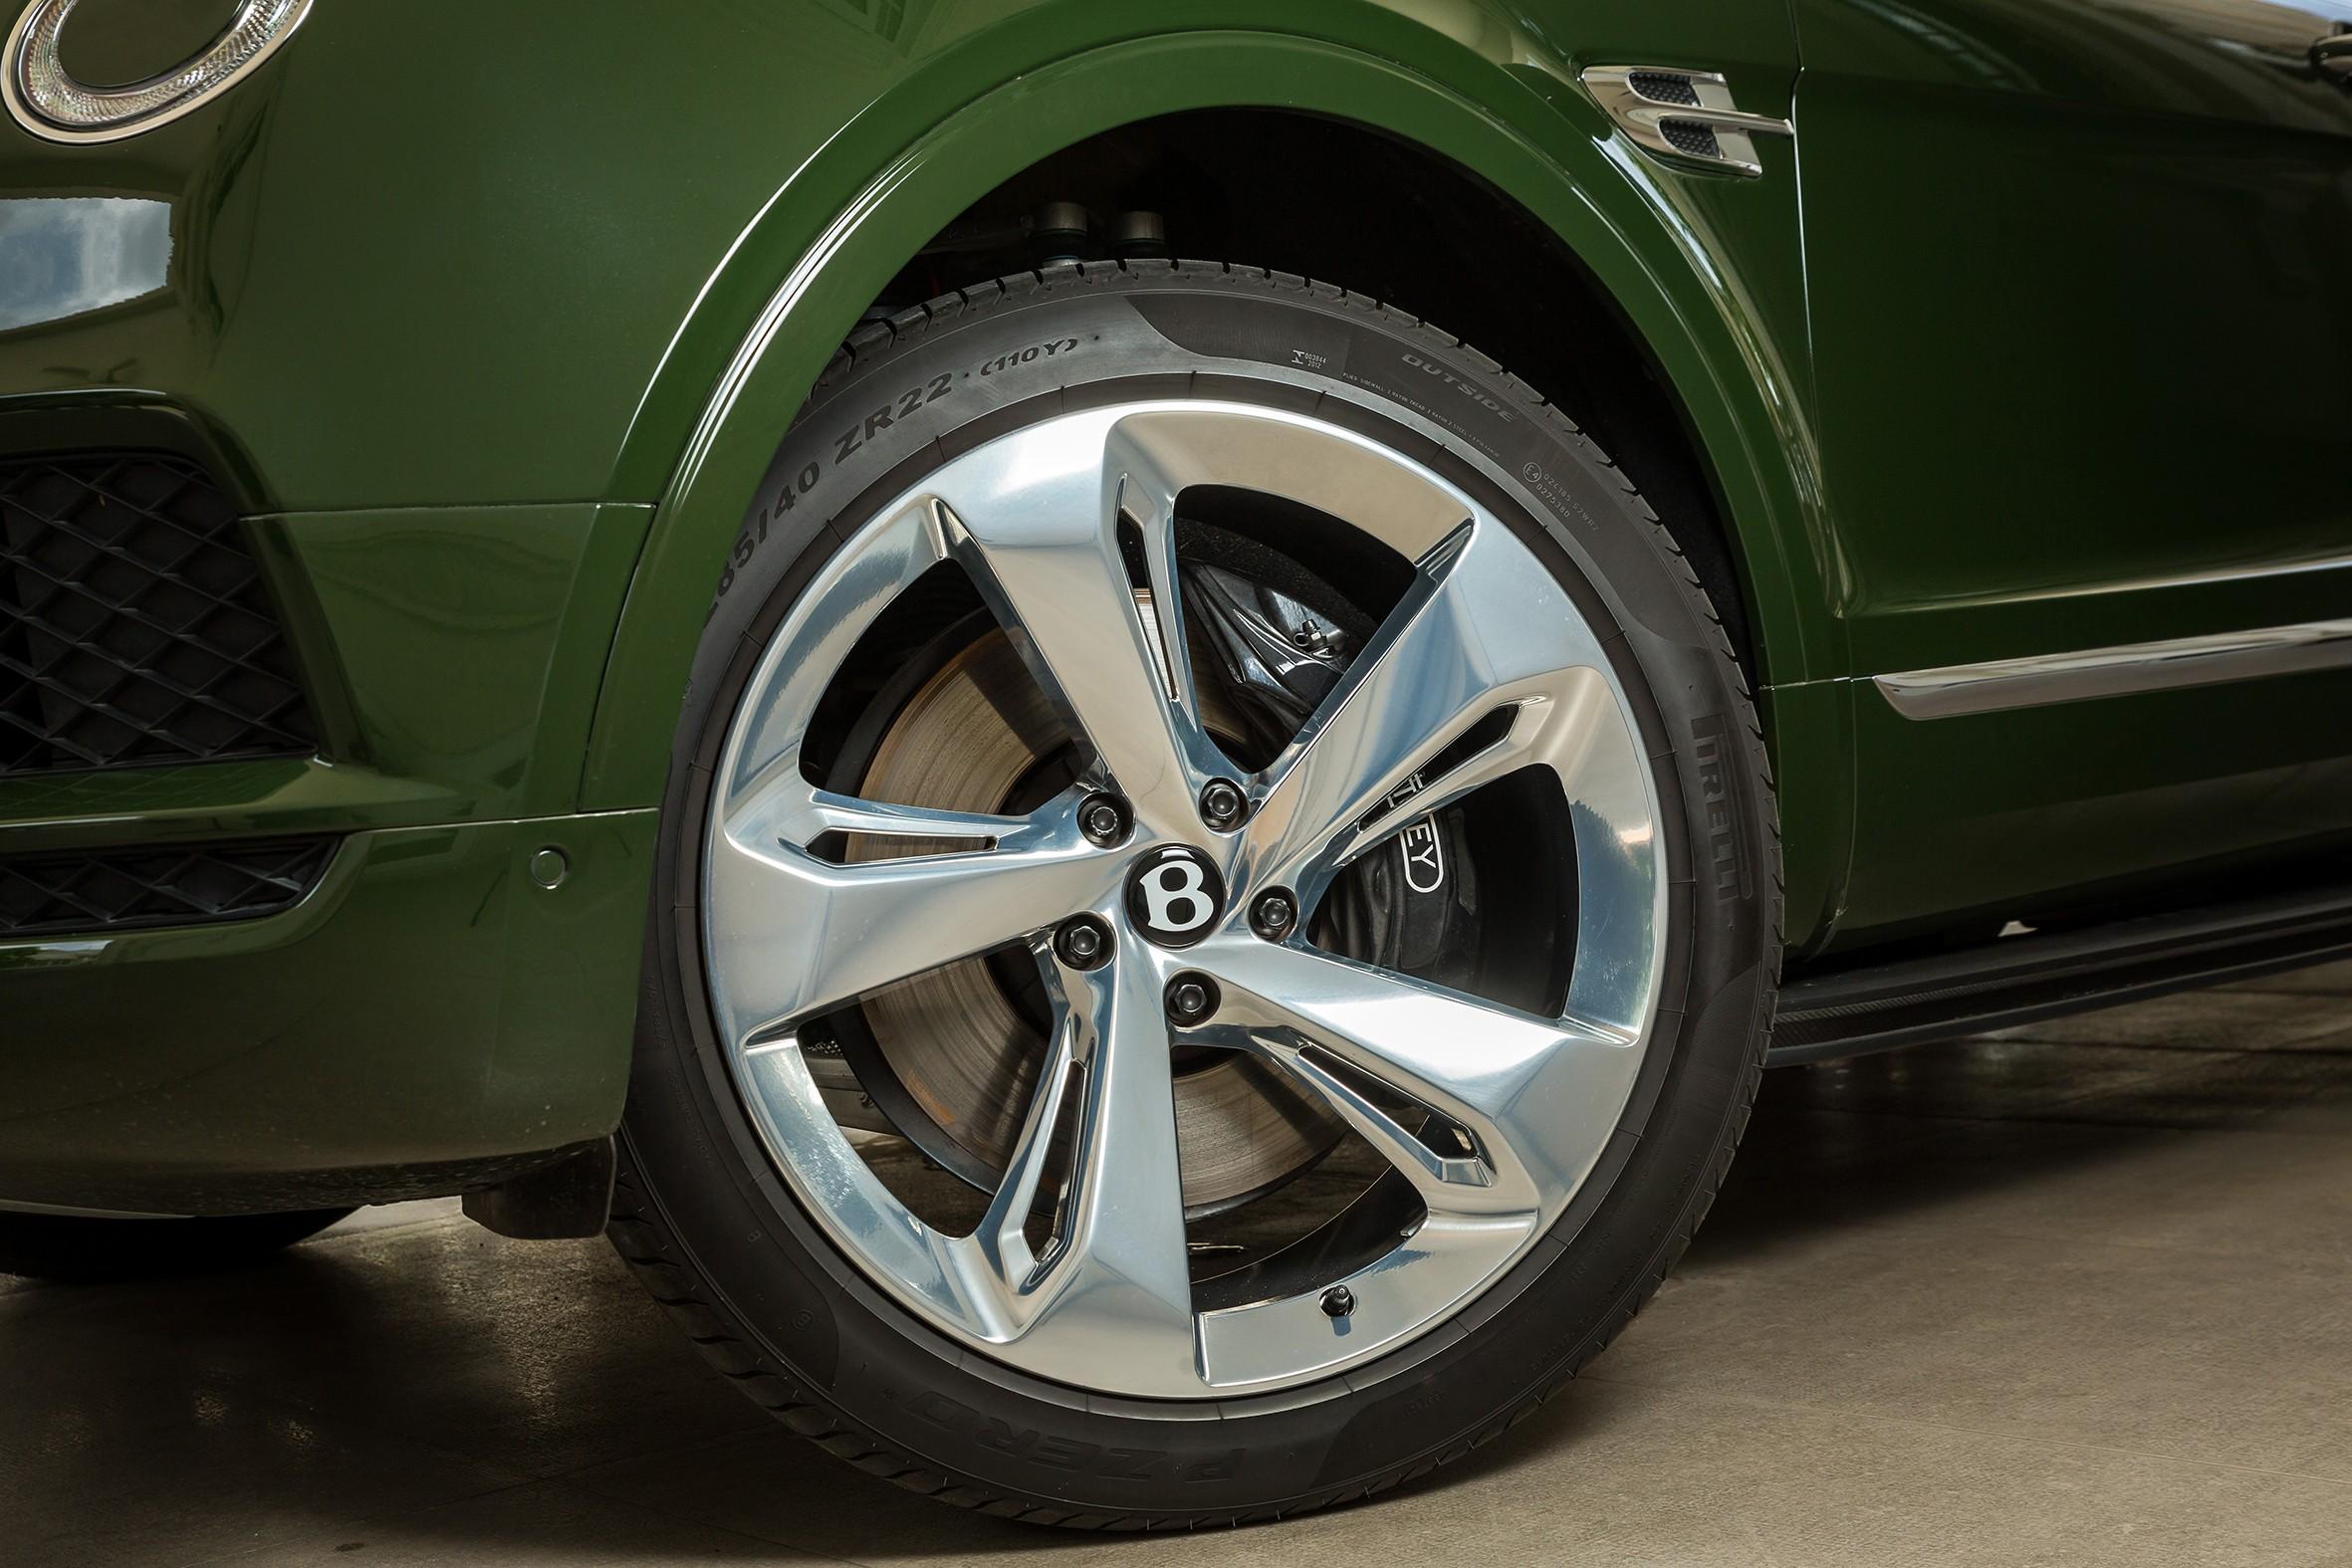 Xe++ - Chiếc Bentley Bentayga phiên bản Bespoke đầu tiên xuất hiện tại Việt Nam (Hình 3).